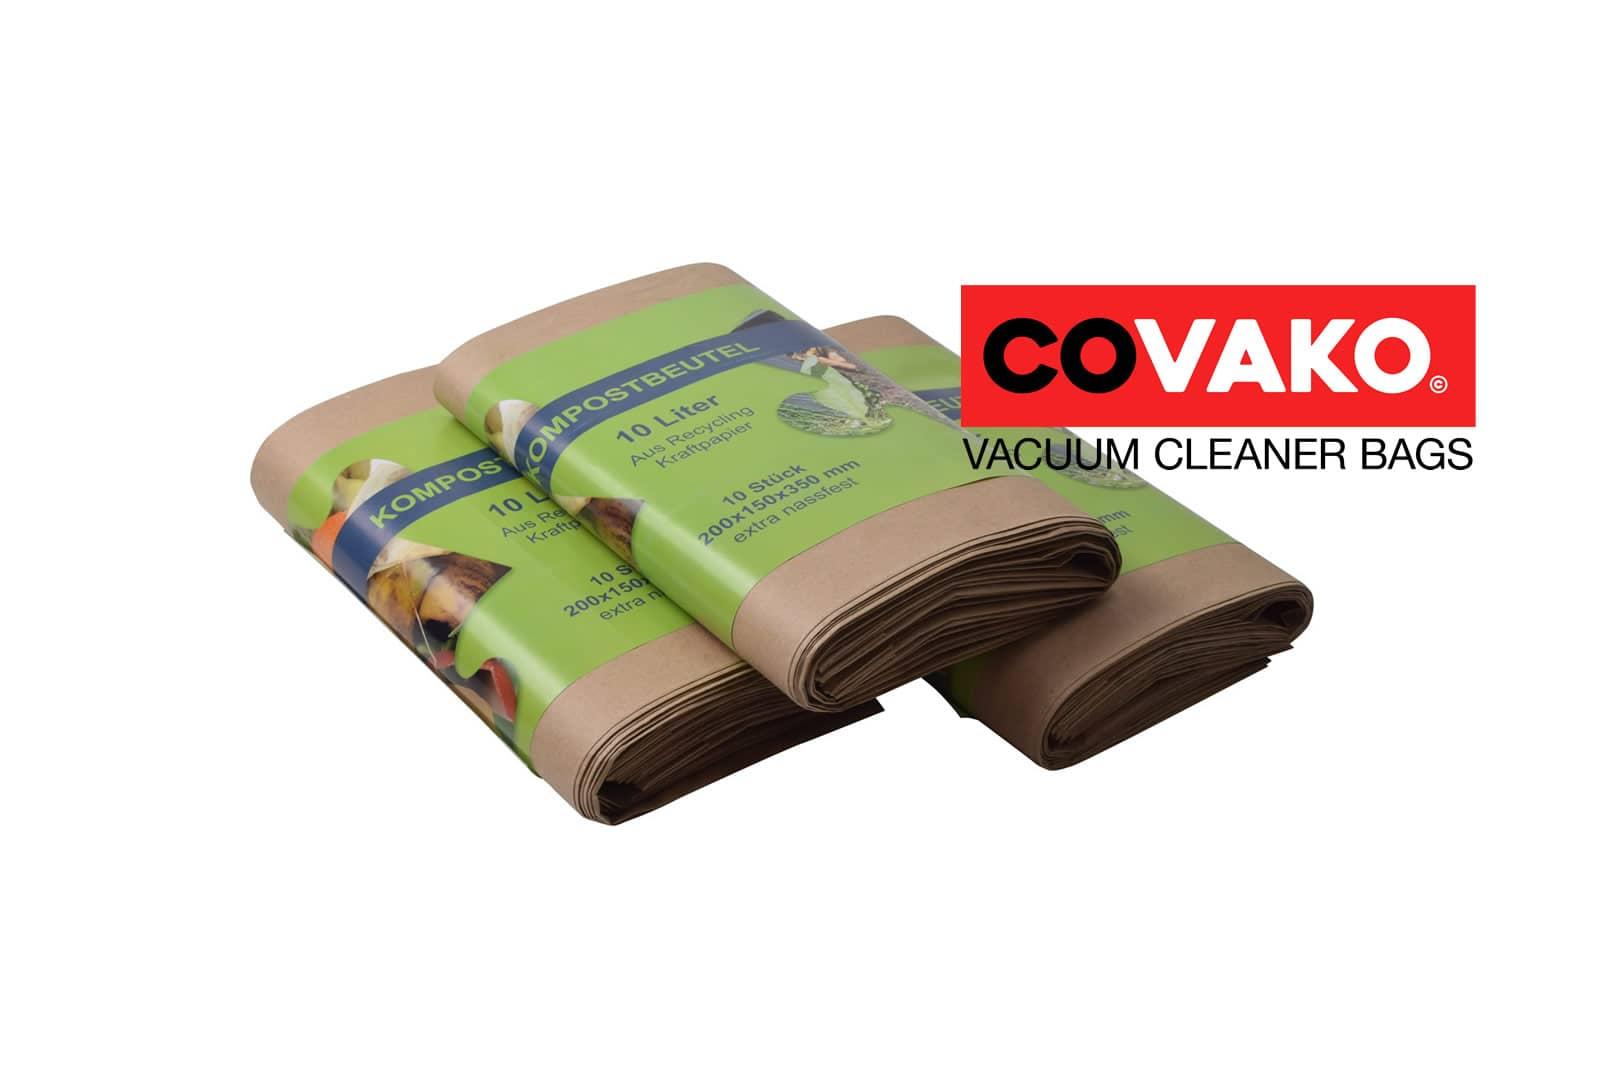 Sacs d' déchets organiques / Partie - Biomüllbeutel kompostierbarsacs d'aspirateur